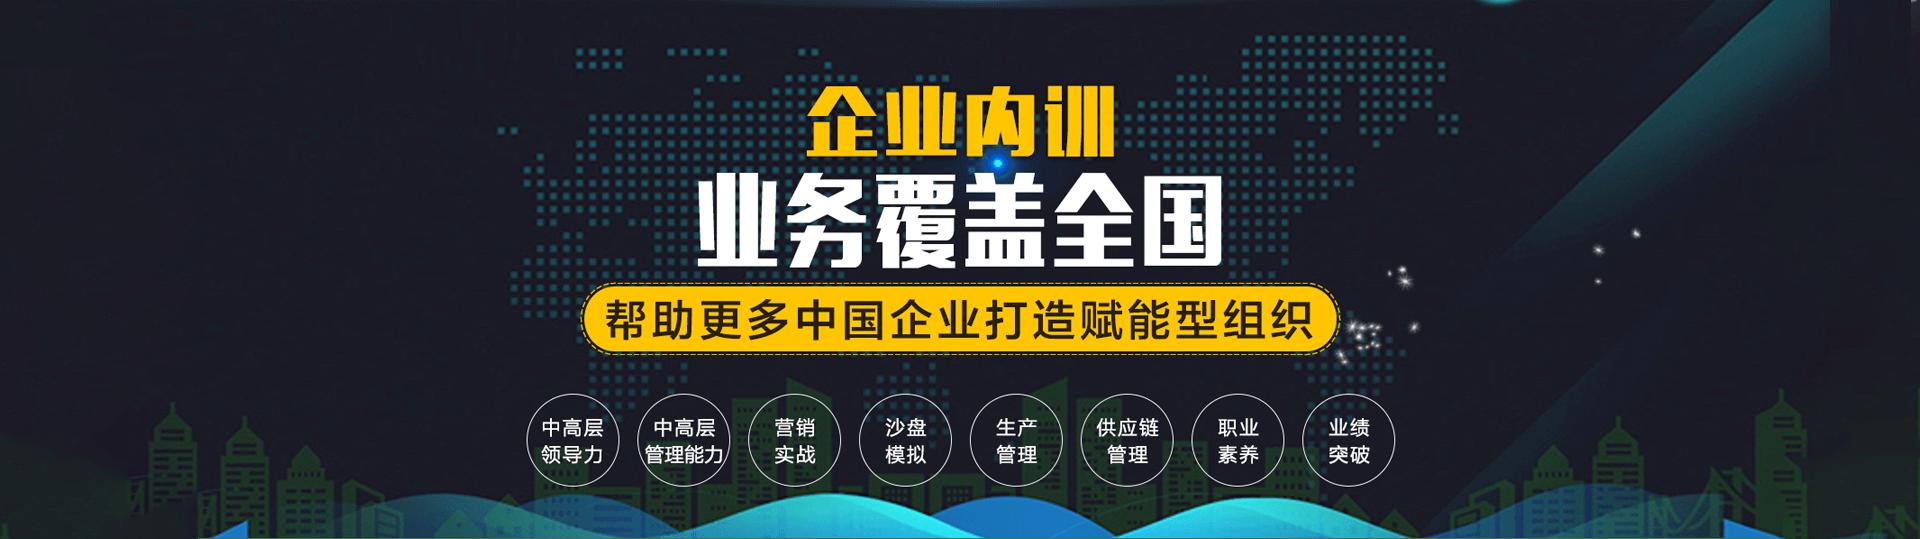 武汉企业管理培训